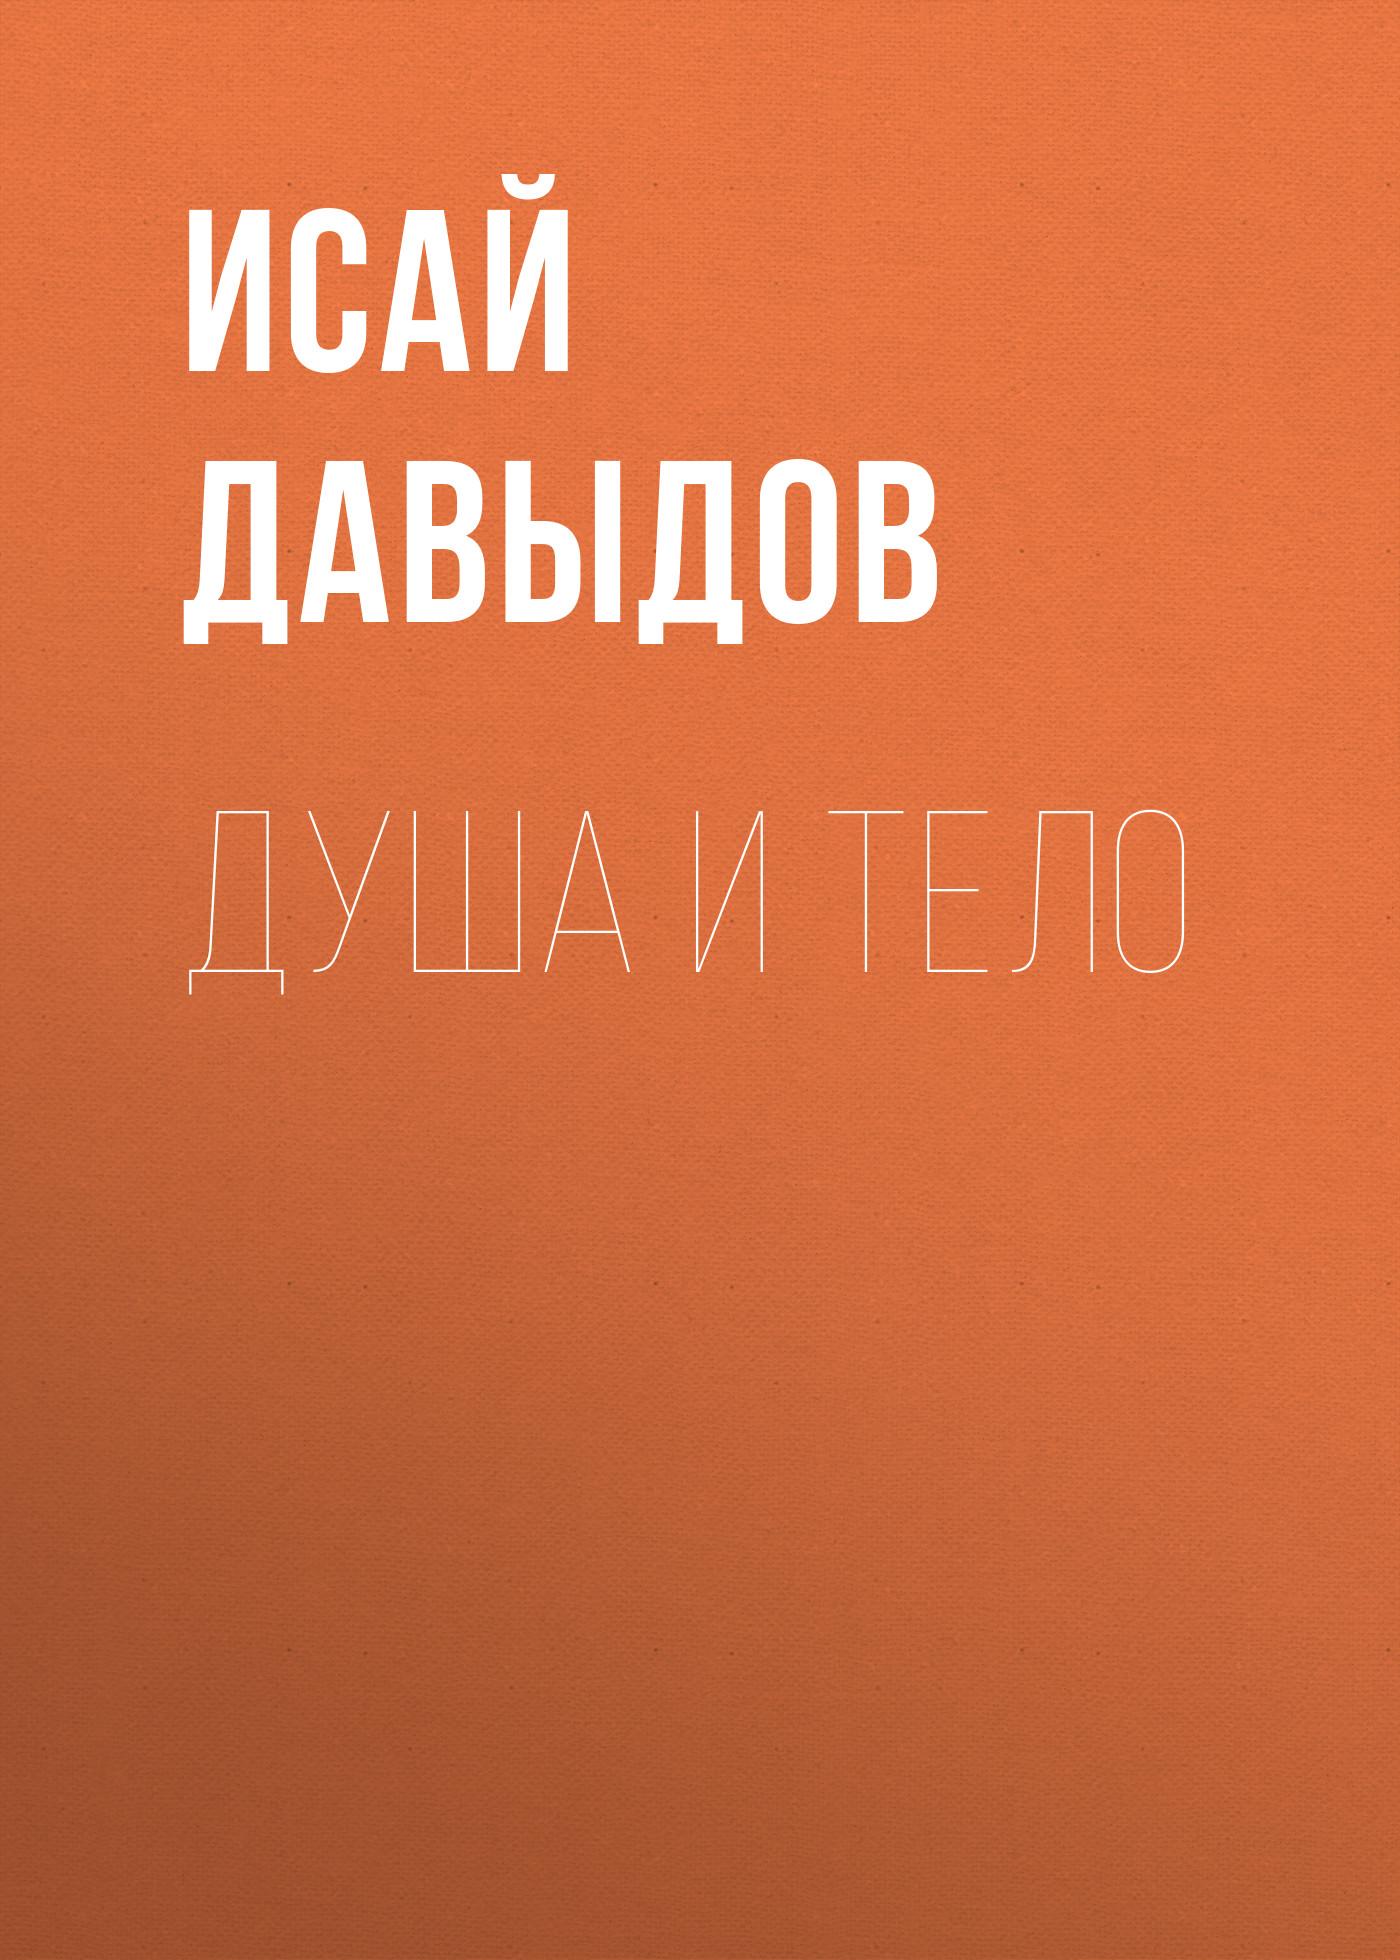 купить Исай Давыдов Душа и тело по цене 500 рублей